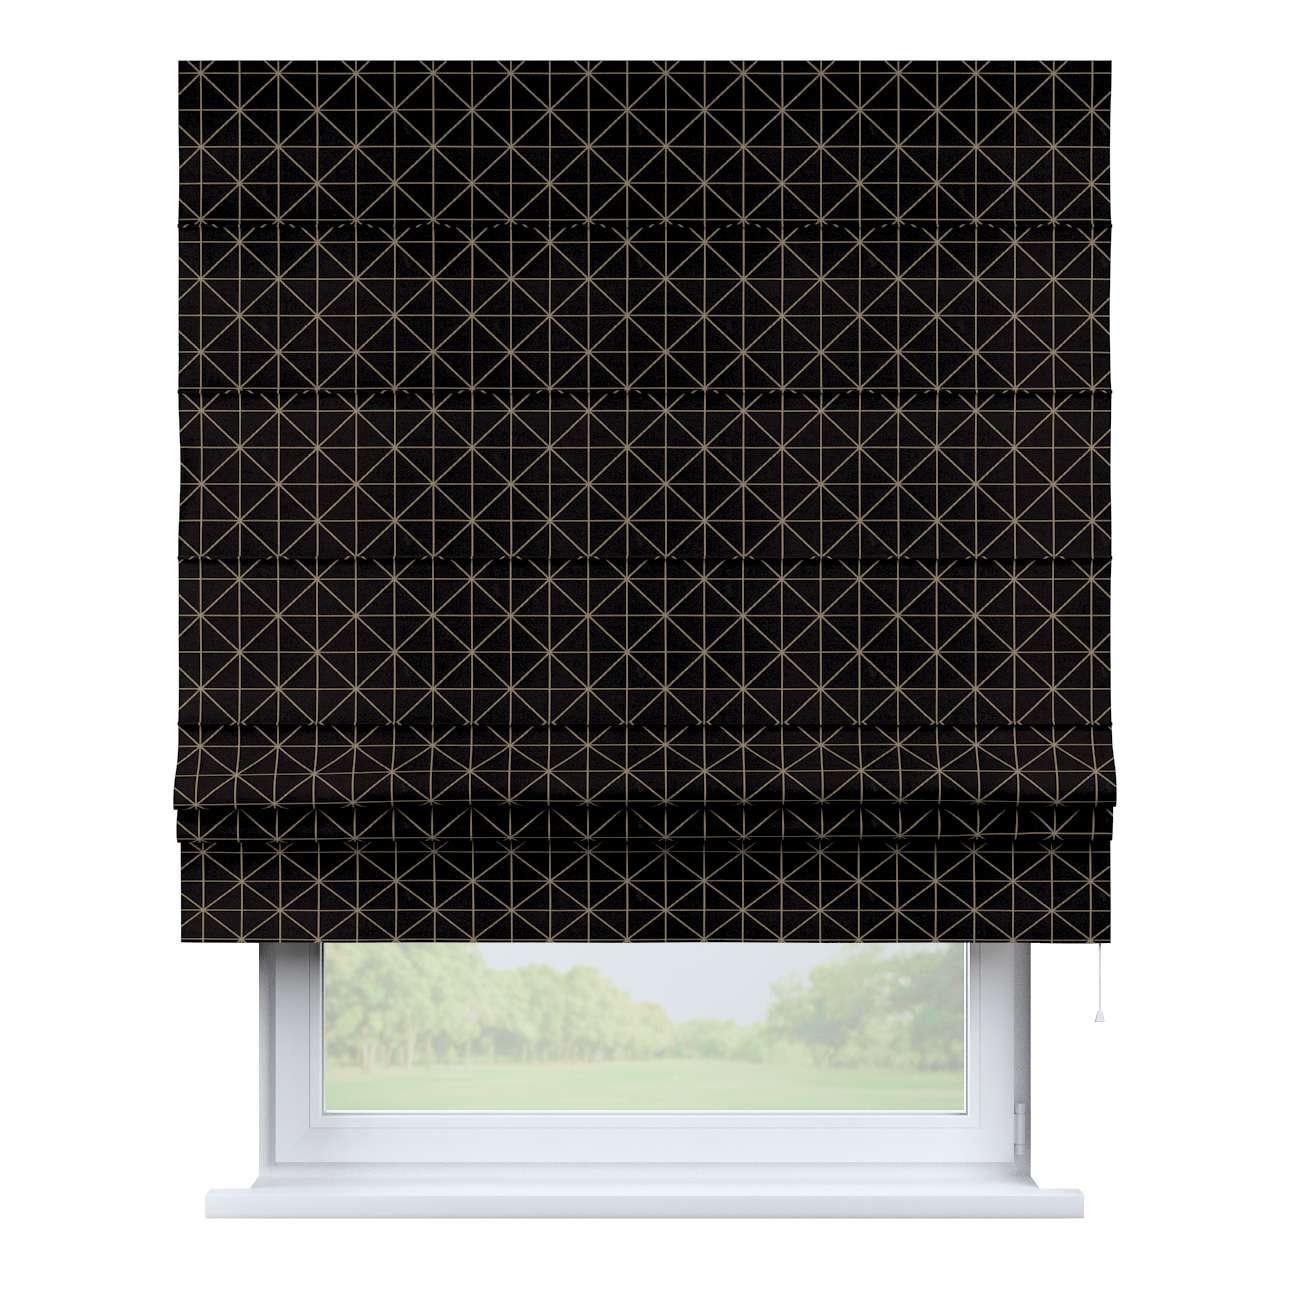 Raffrollo Padva, schwarz-weiß, 130 × 170 cm, Black & White | Heimtextilien > Jalousien und Rollos > Raffrollos | Dekoria